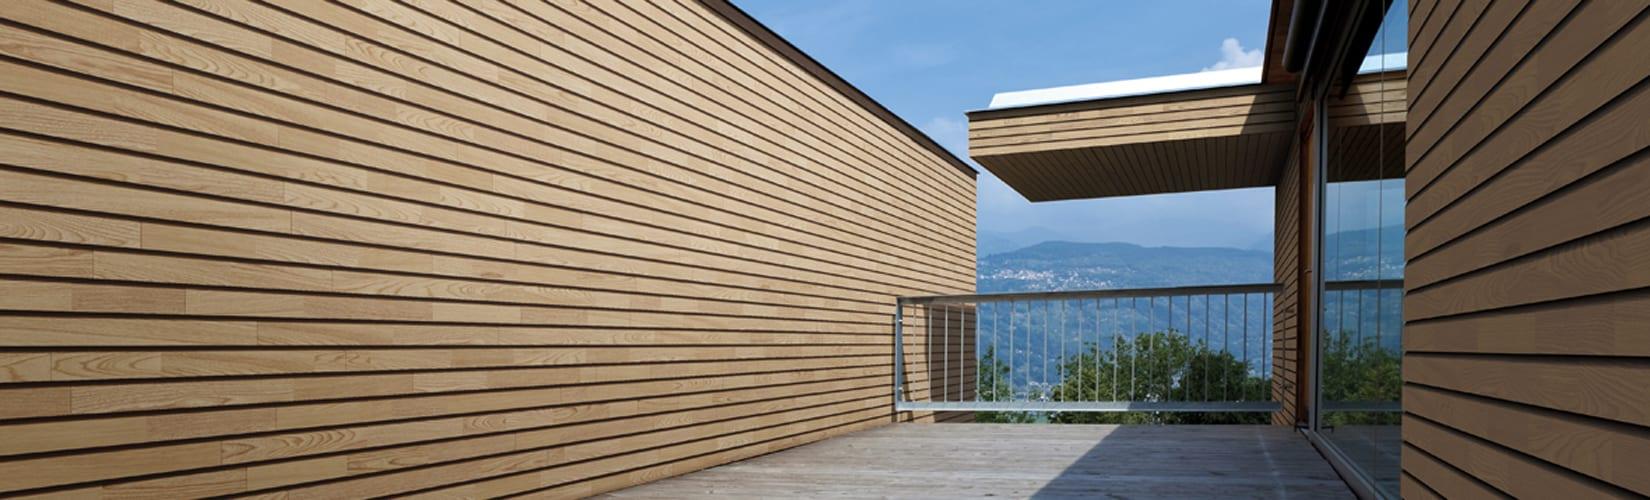 Maison En Bois Moselle maison ossature bois moselle 4   tecnhome : ossature bois et